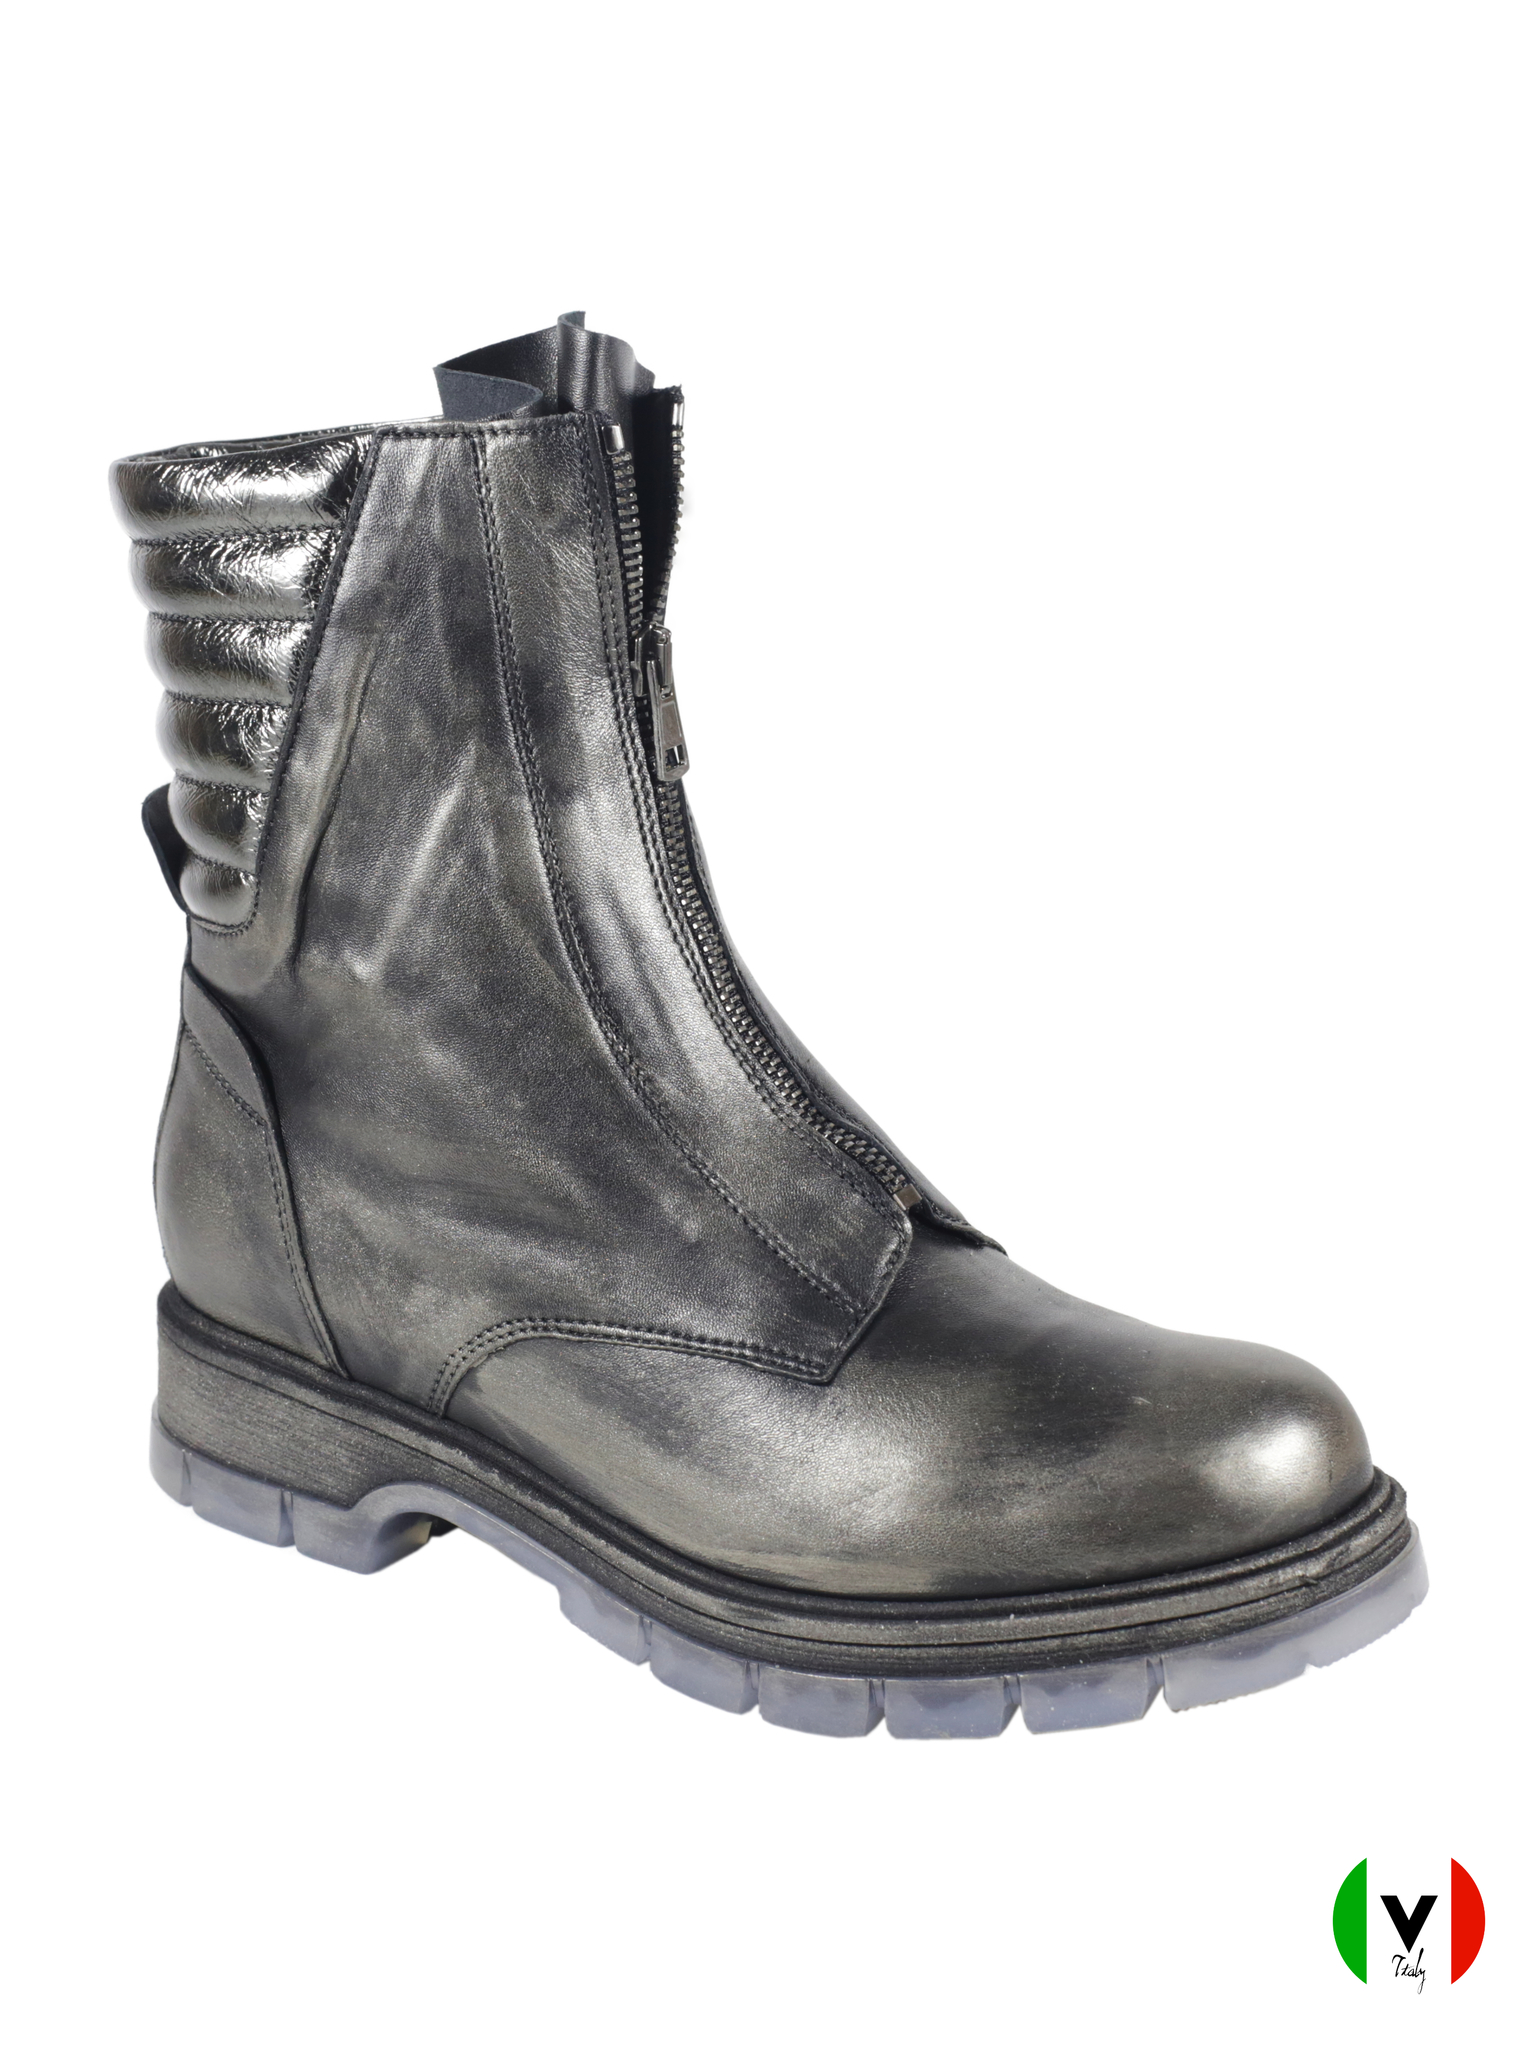 Зимние ботинки Fru.it в стиле гранж 5827, артикул 5827, сезон зима, цвет металлизированный антрацит, материал кожа, цена 17 500 руб., veroitaly.ru